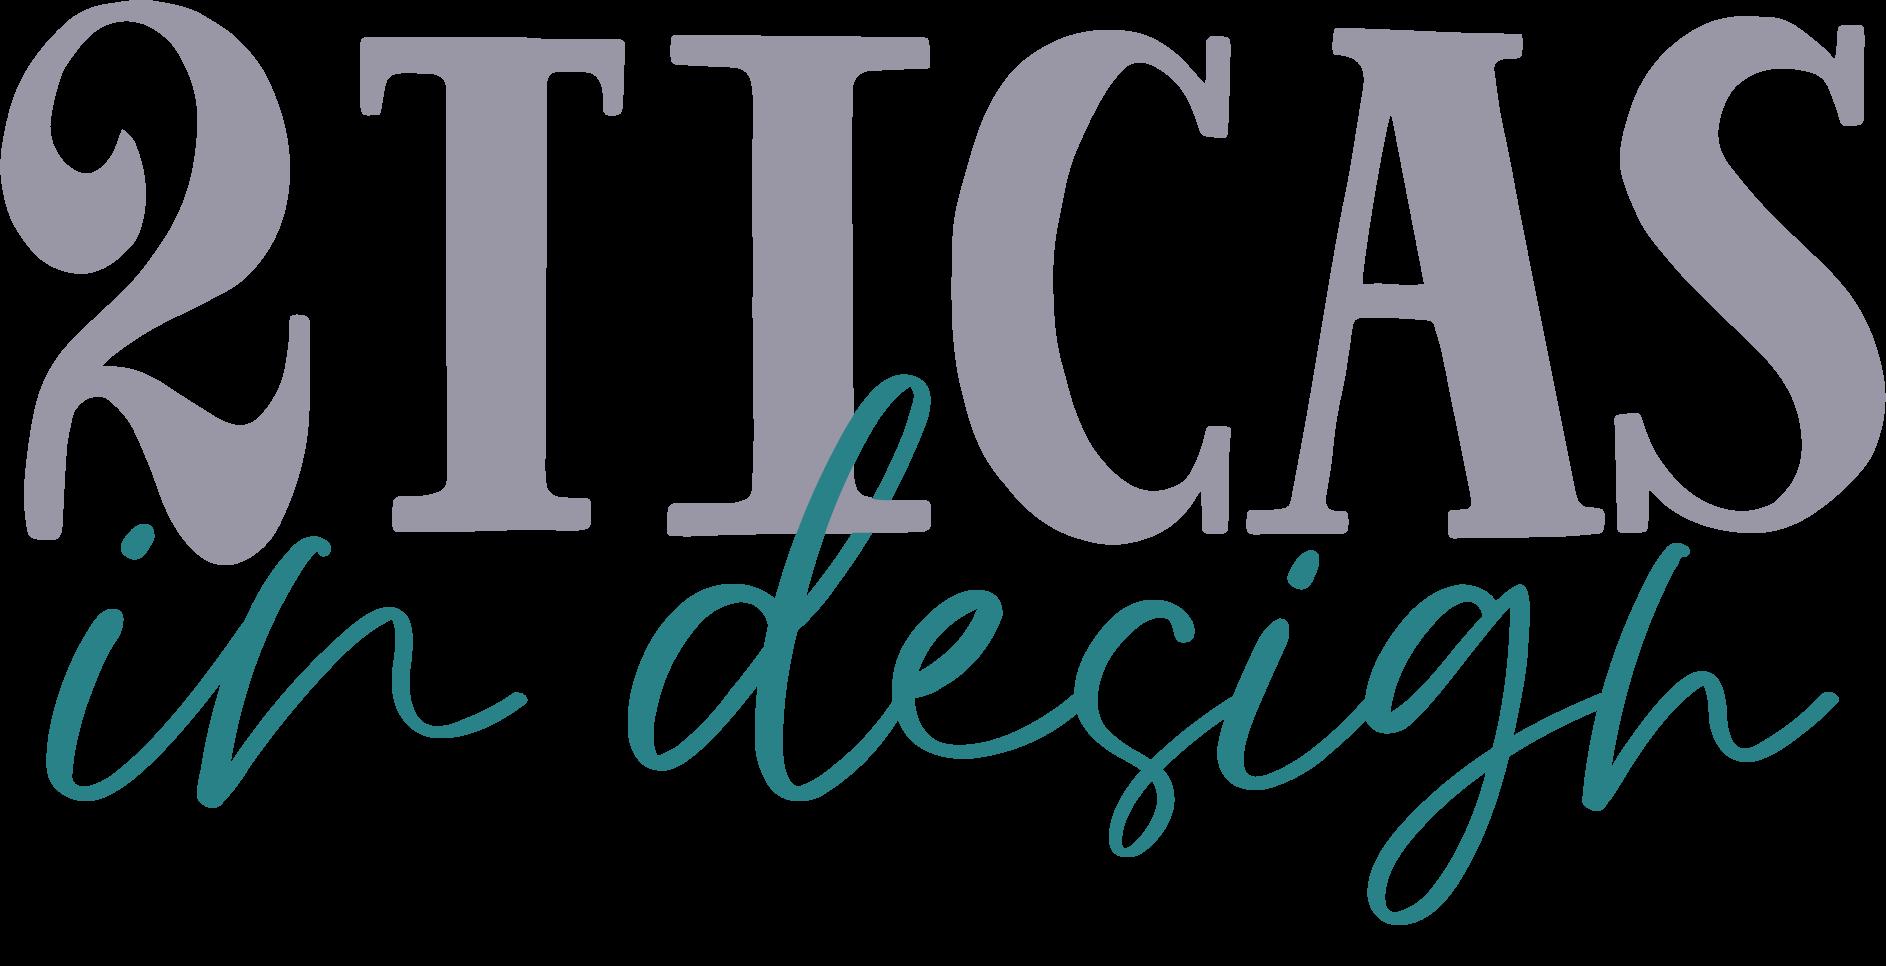 2 Ticas in Design